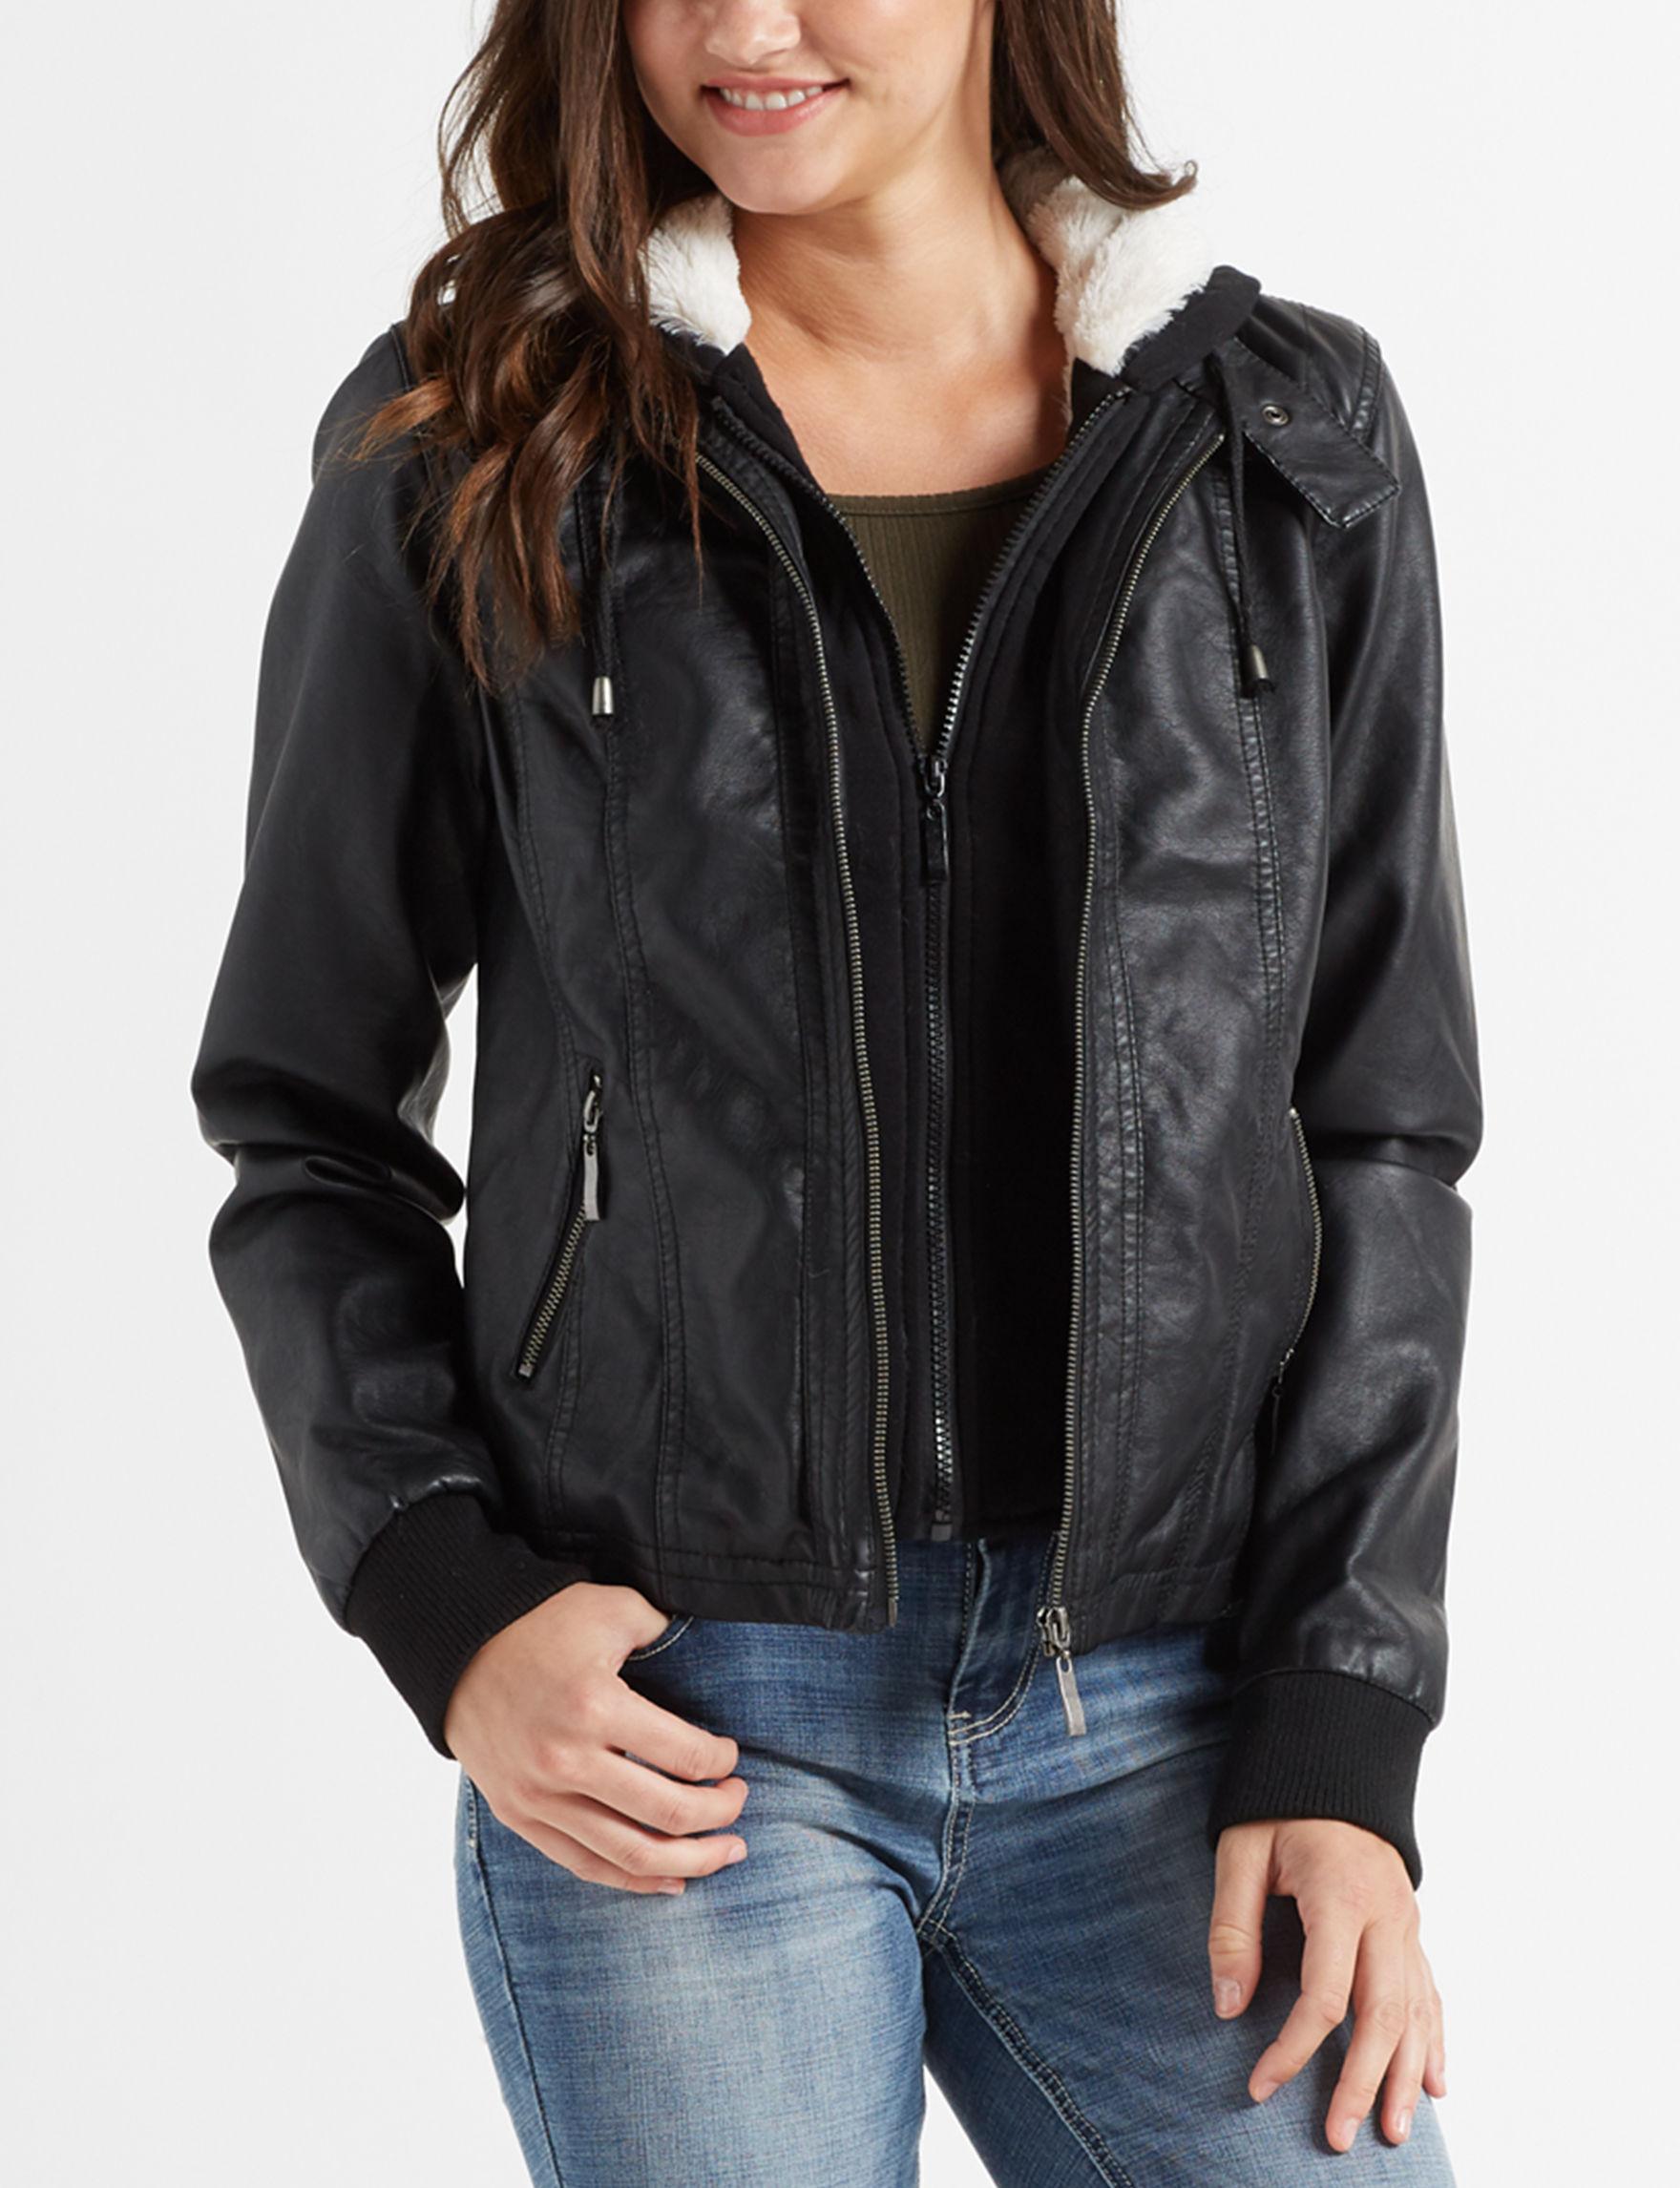 Ashley Black Bomber & Moto Jackets